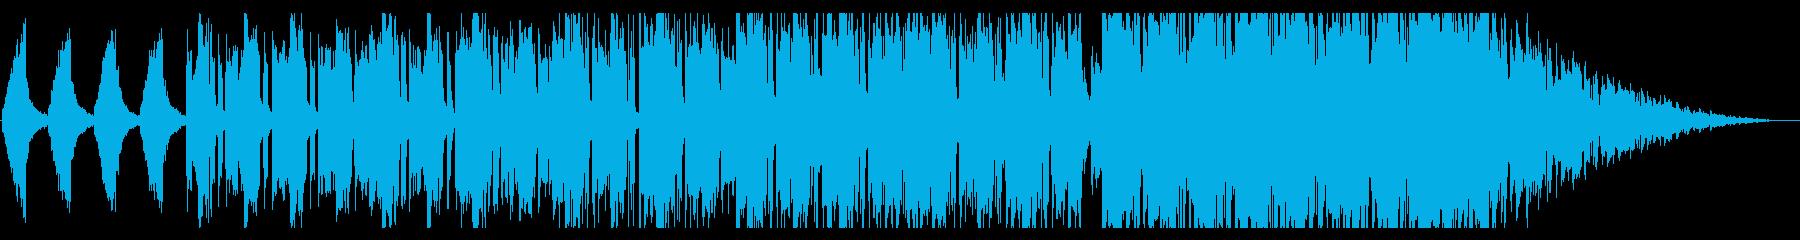 アーバン/Hiphop_No402_3の再生済みの波形